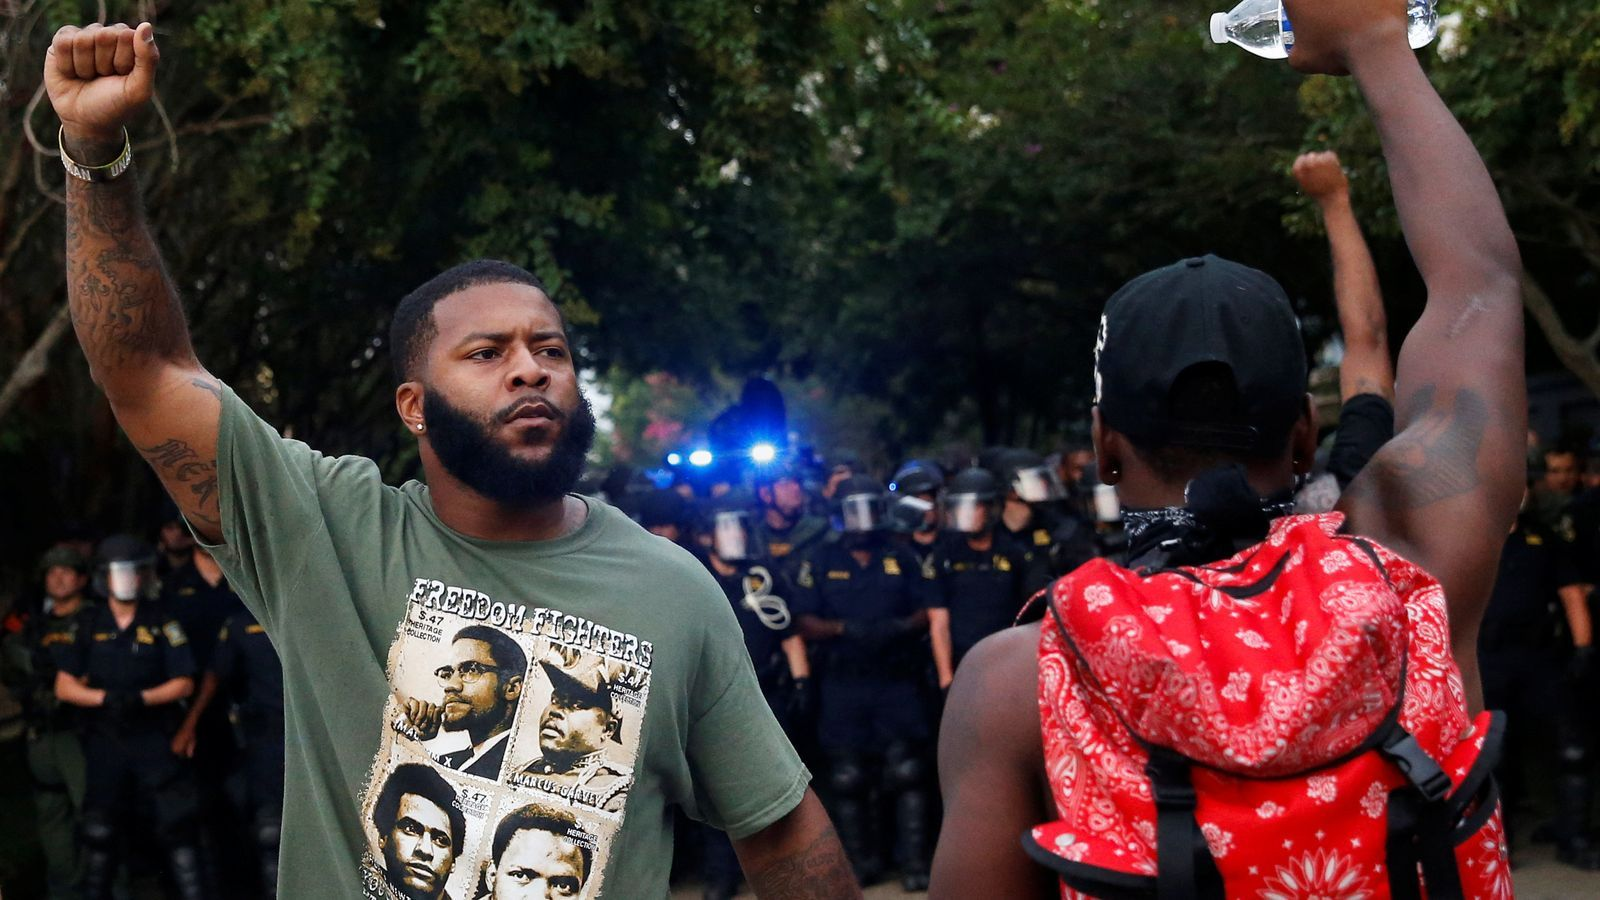 Dos manifestants de 'Black lives matter' davant d'un cordó policial a Baton Rouge, Louisiana